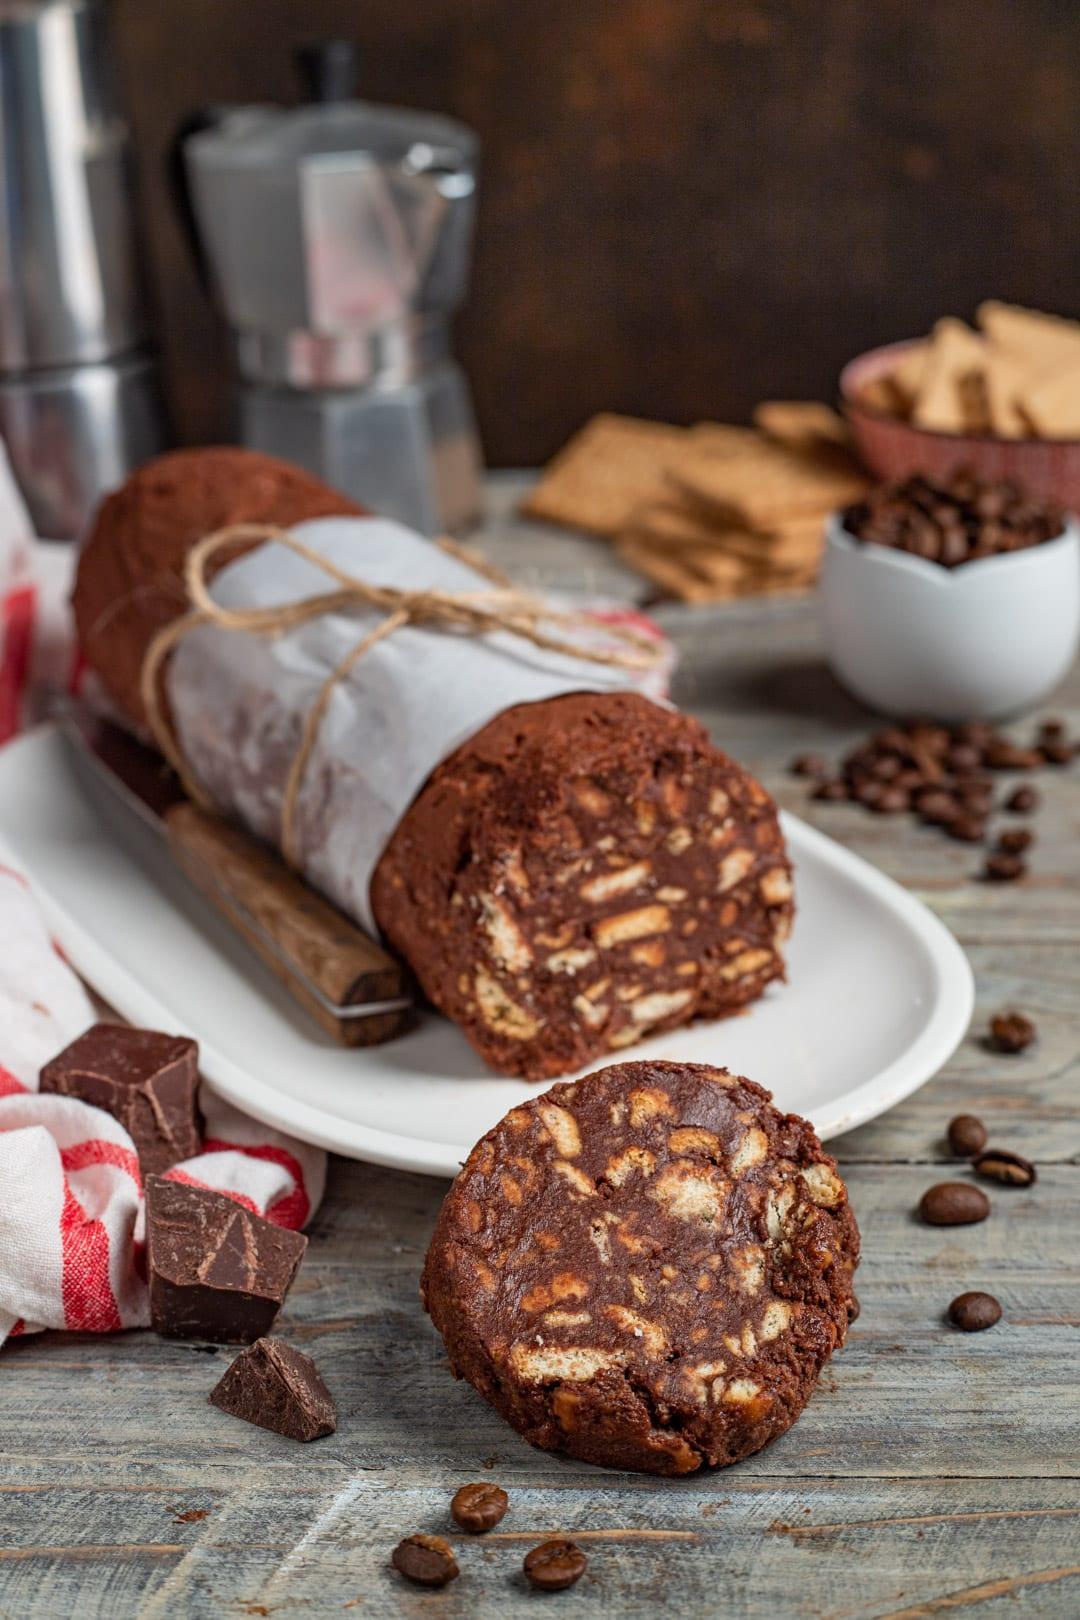 Ricetta Torta Salame Al Cioccolato.Salame Di Cioccolato E Caffe La Versione Al Caffe Di Un Delizioso Classico